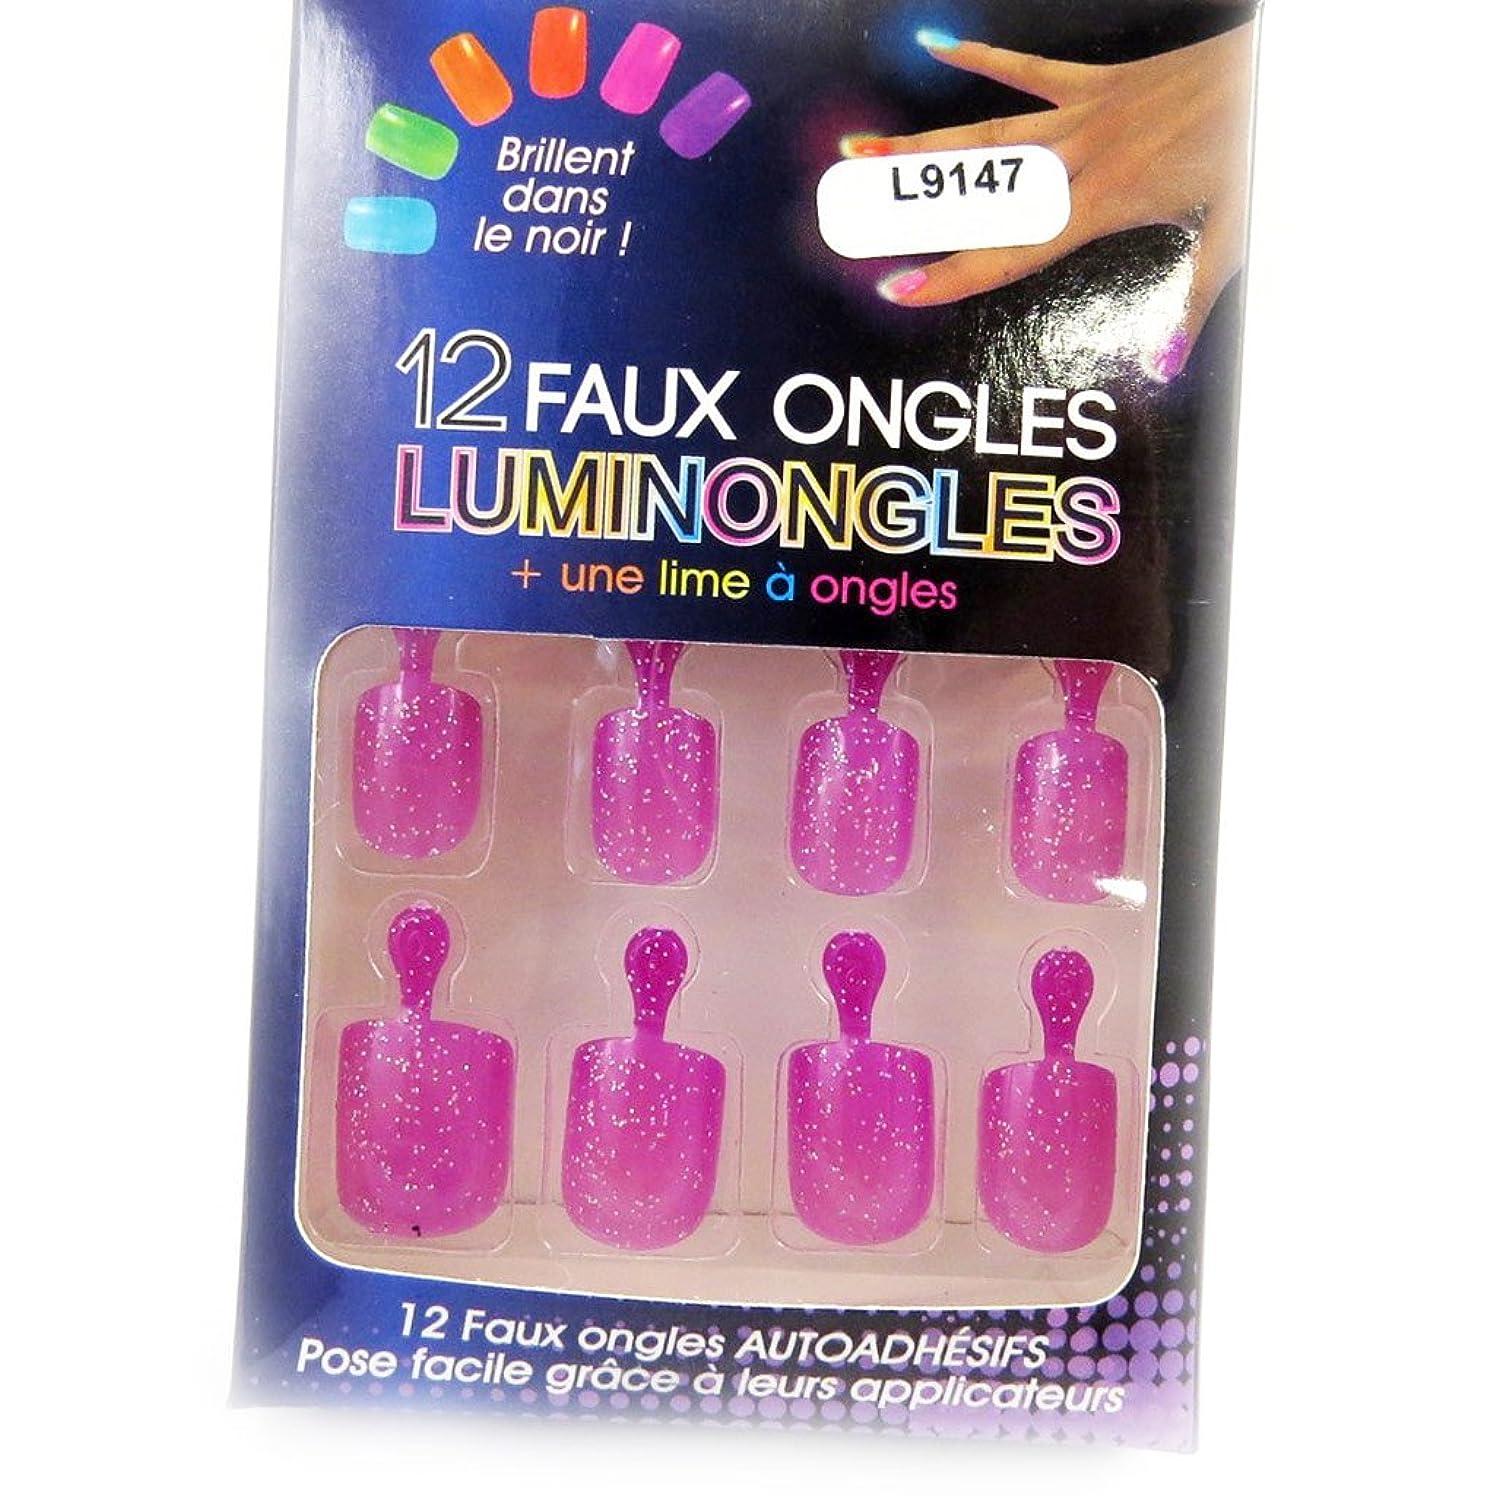 マーケティングイソギンチャクホバー[リリーの宝 (Les Tresors De Lily)] (Luminongles コレクション) [L9147] アクリルスカルプチュア ピンク